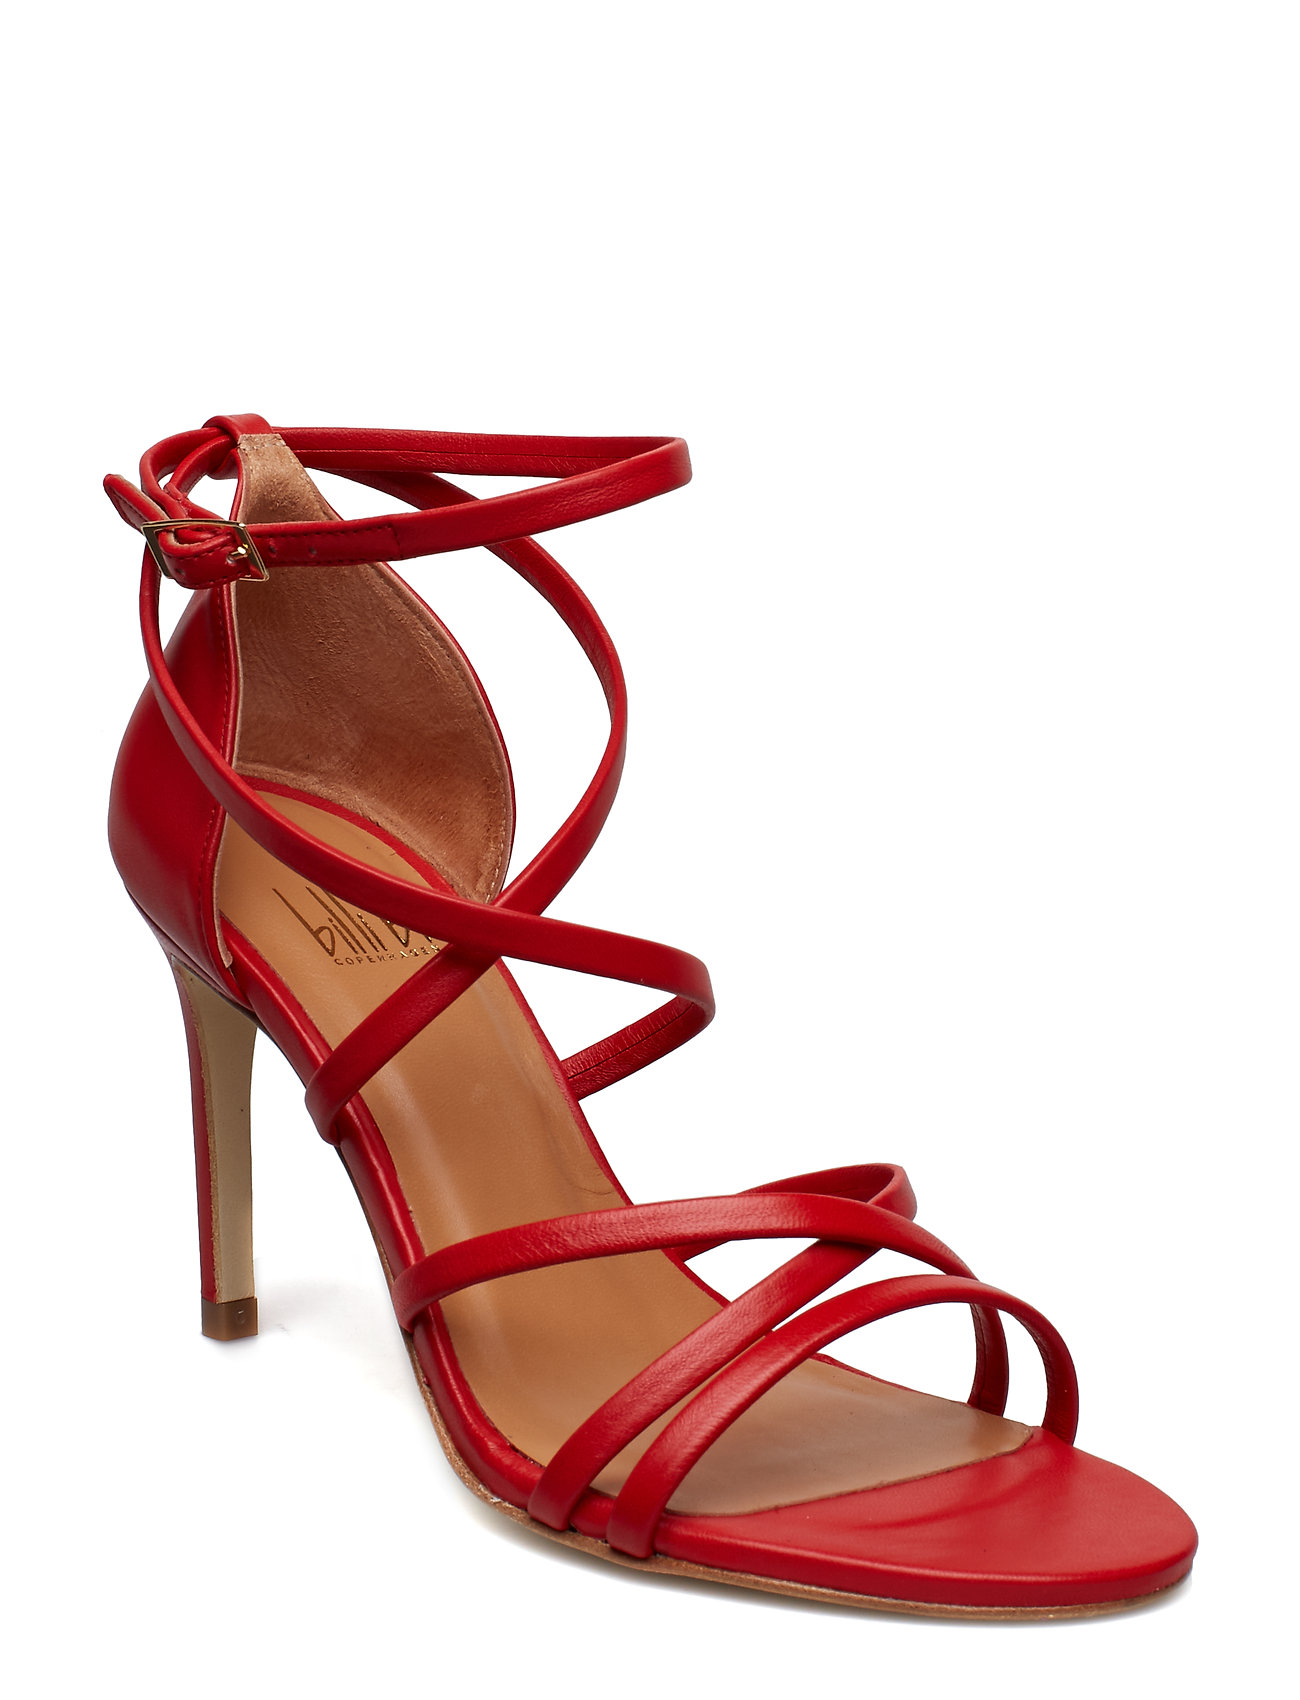 14100122a3c5 Sandals 8161